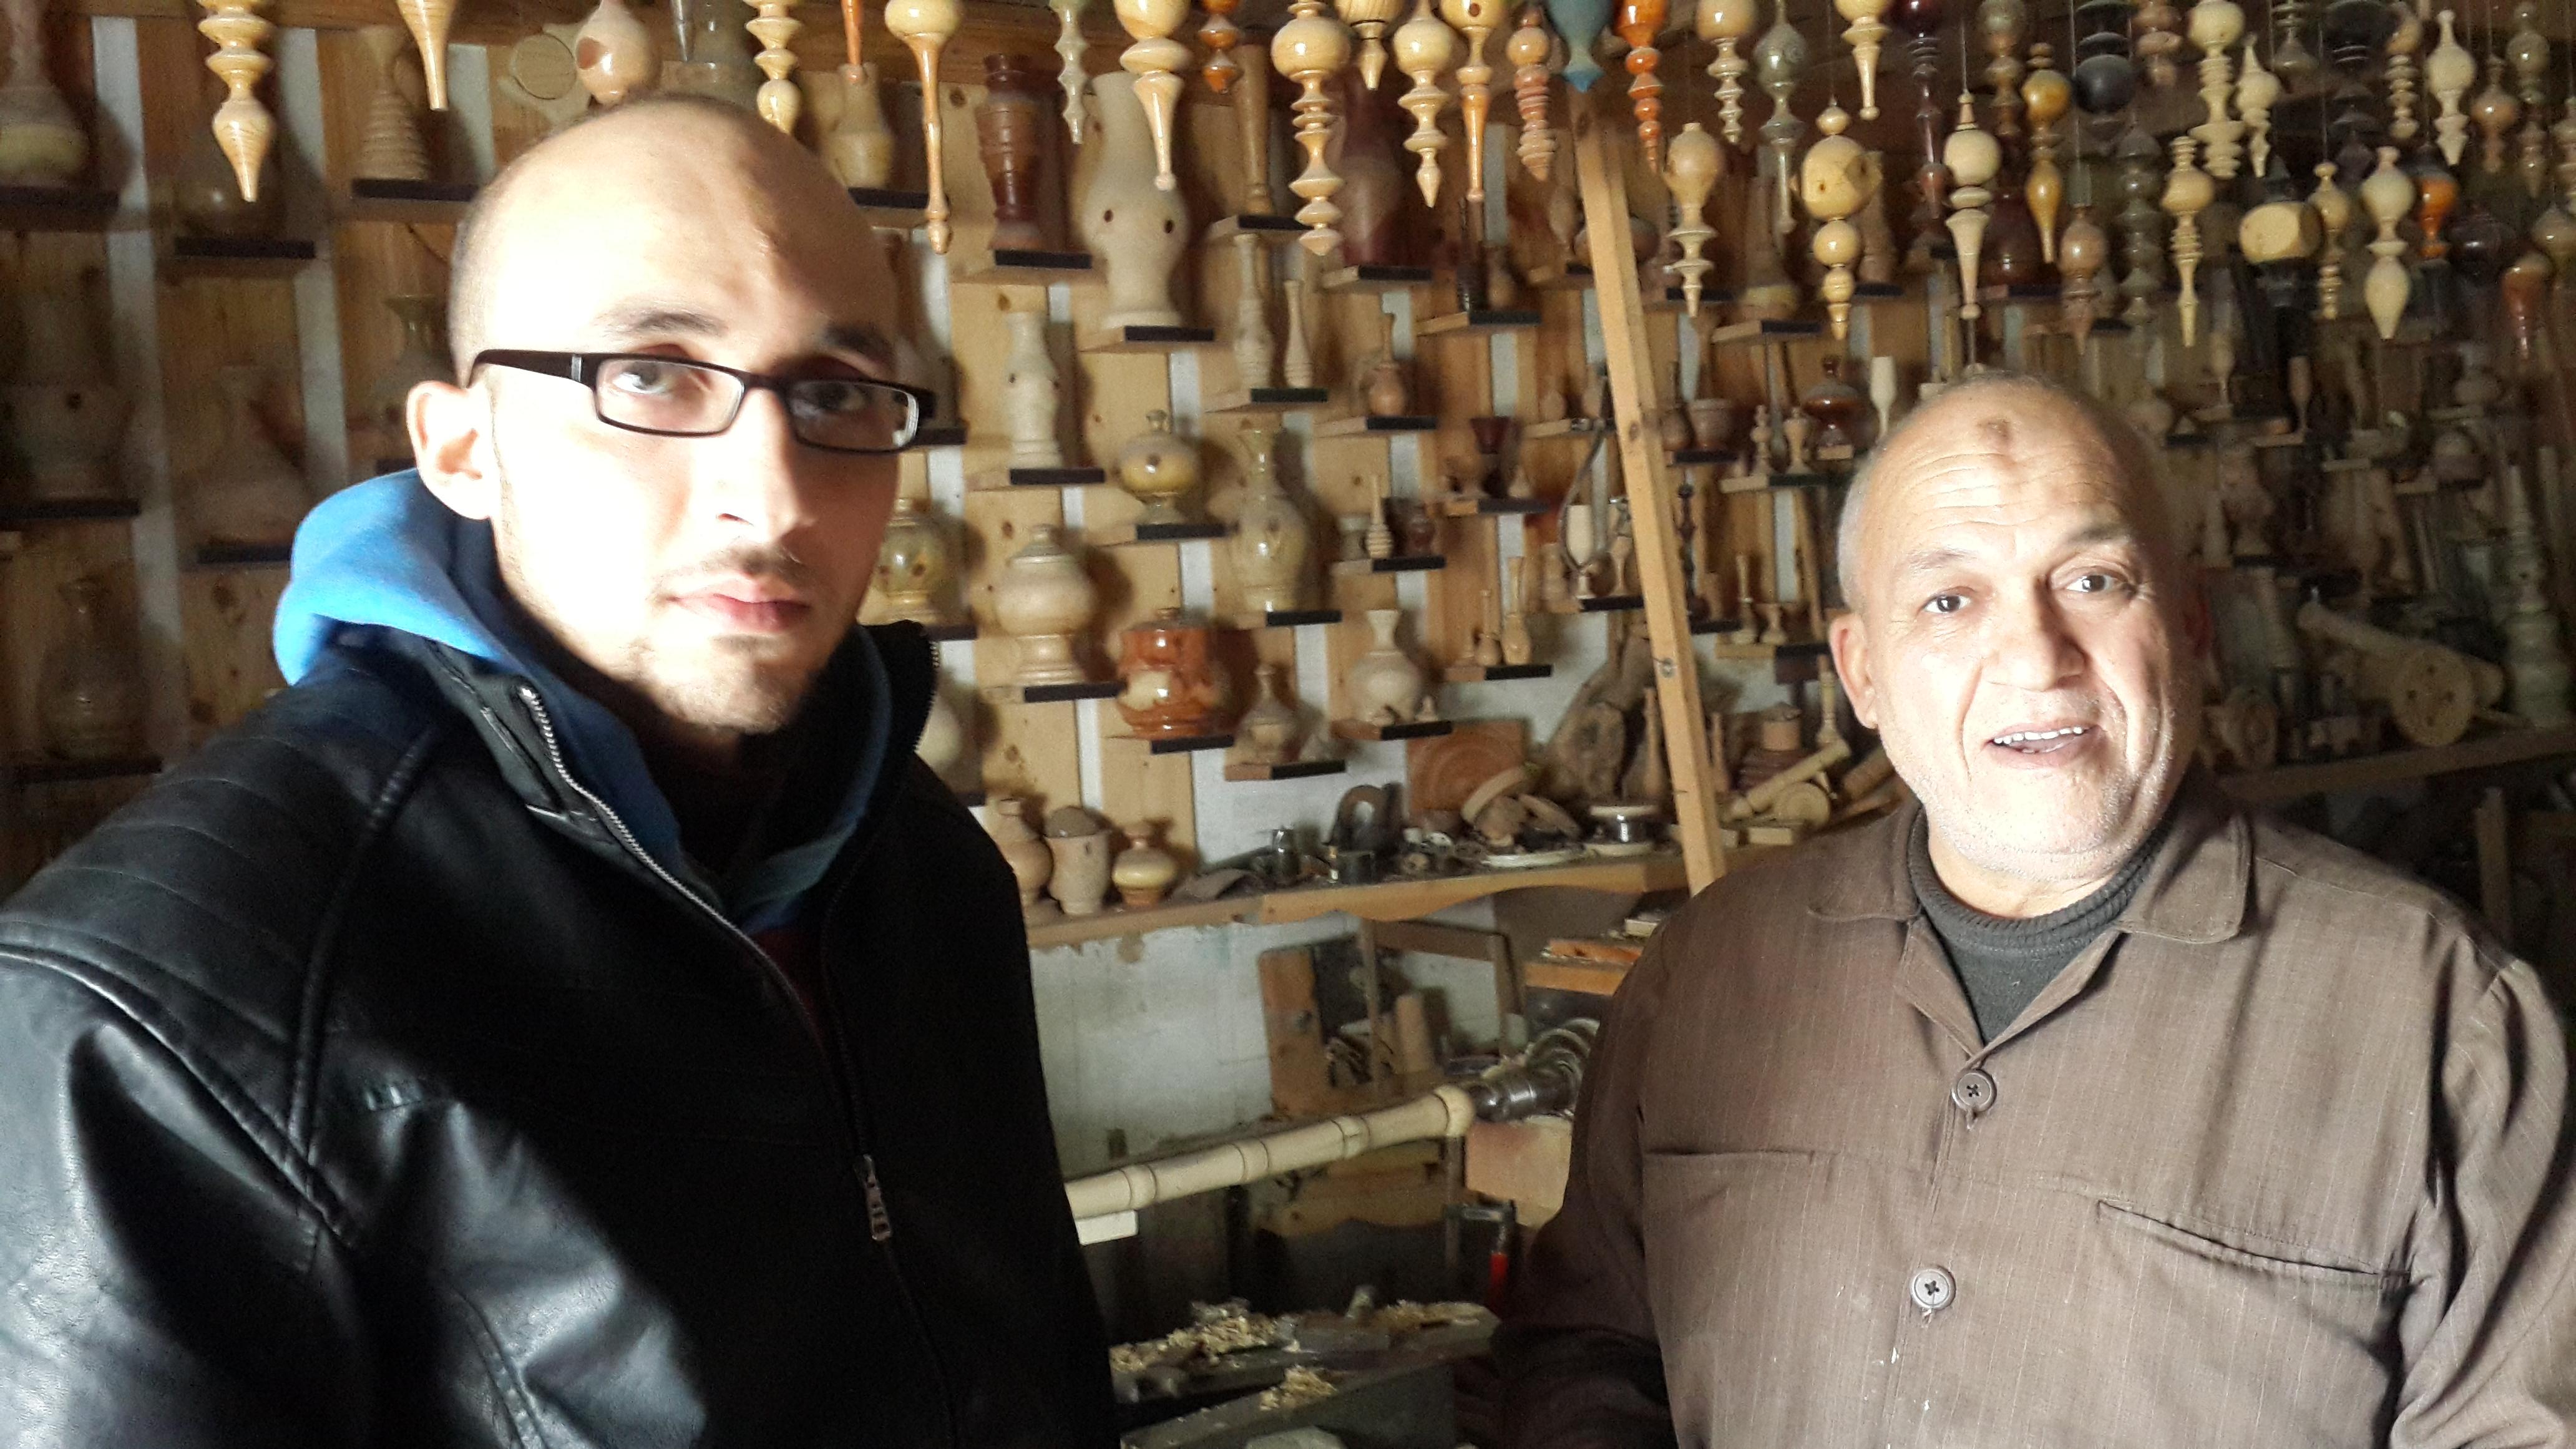 صانع الأنتيكة الخشبية هشام كحيل ونجله